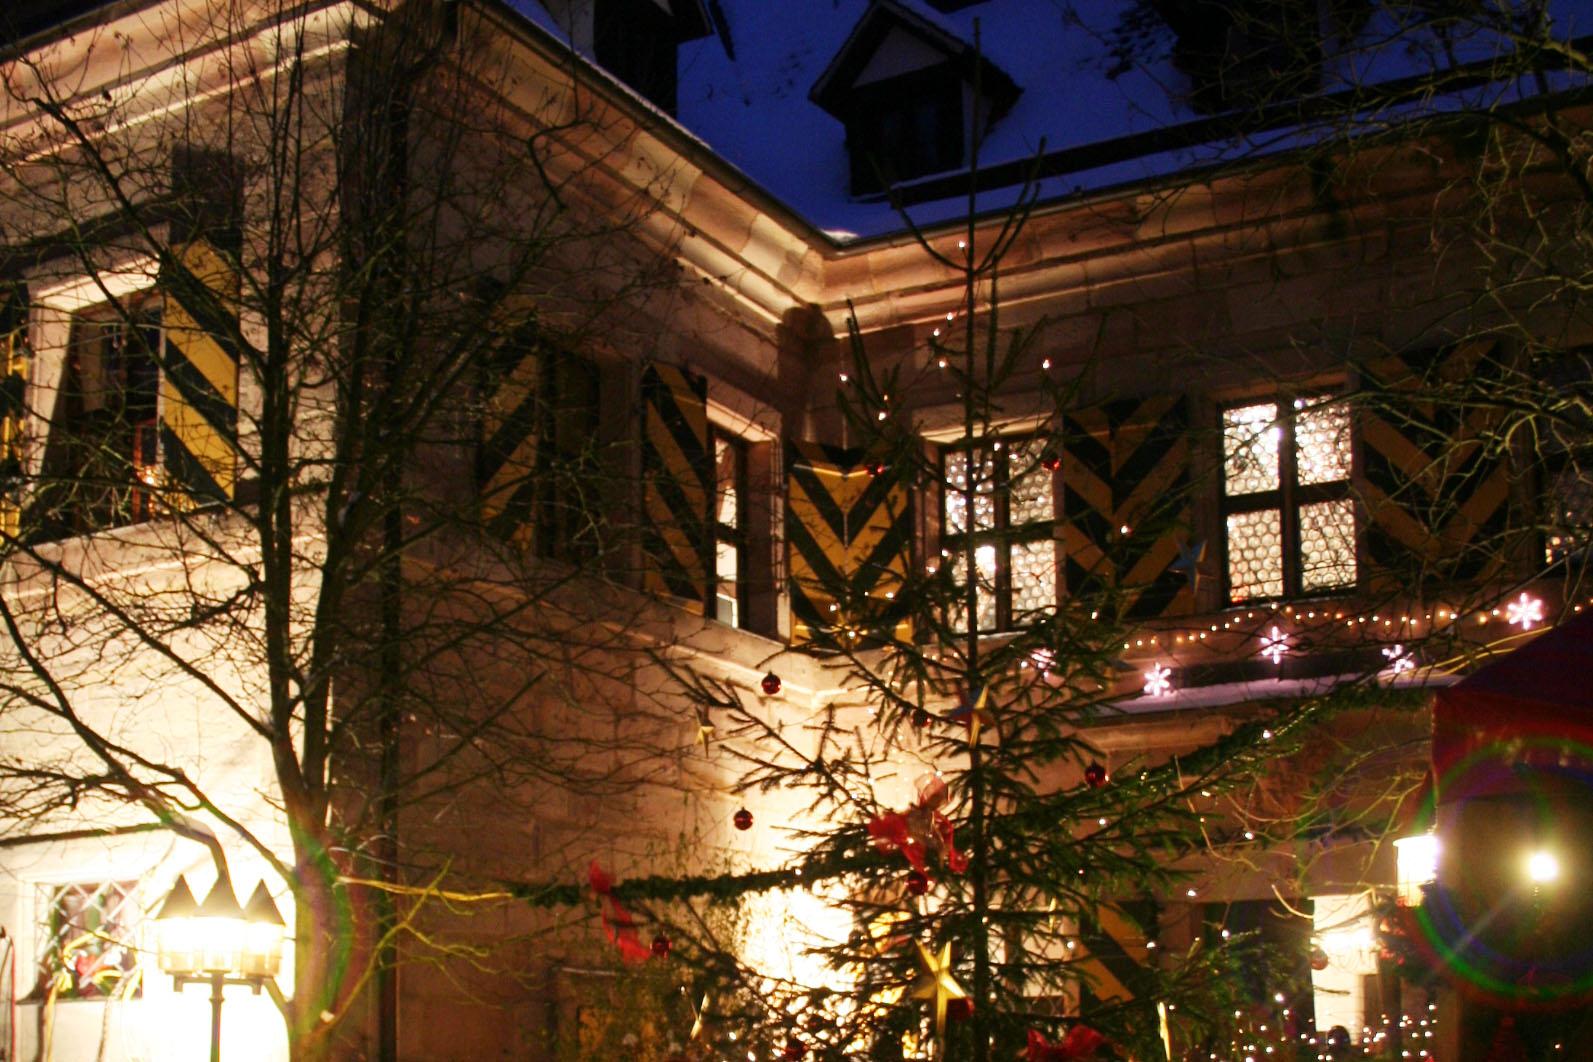 Weihnachtsmarkt Nürnberg.Weihnachtsmärkte In Den Nürnberger Stadtvierteln Stadtportal Nürnberg